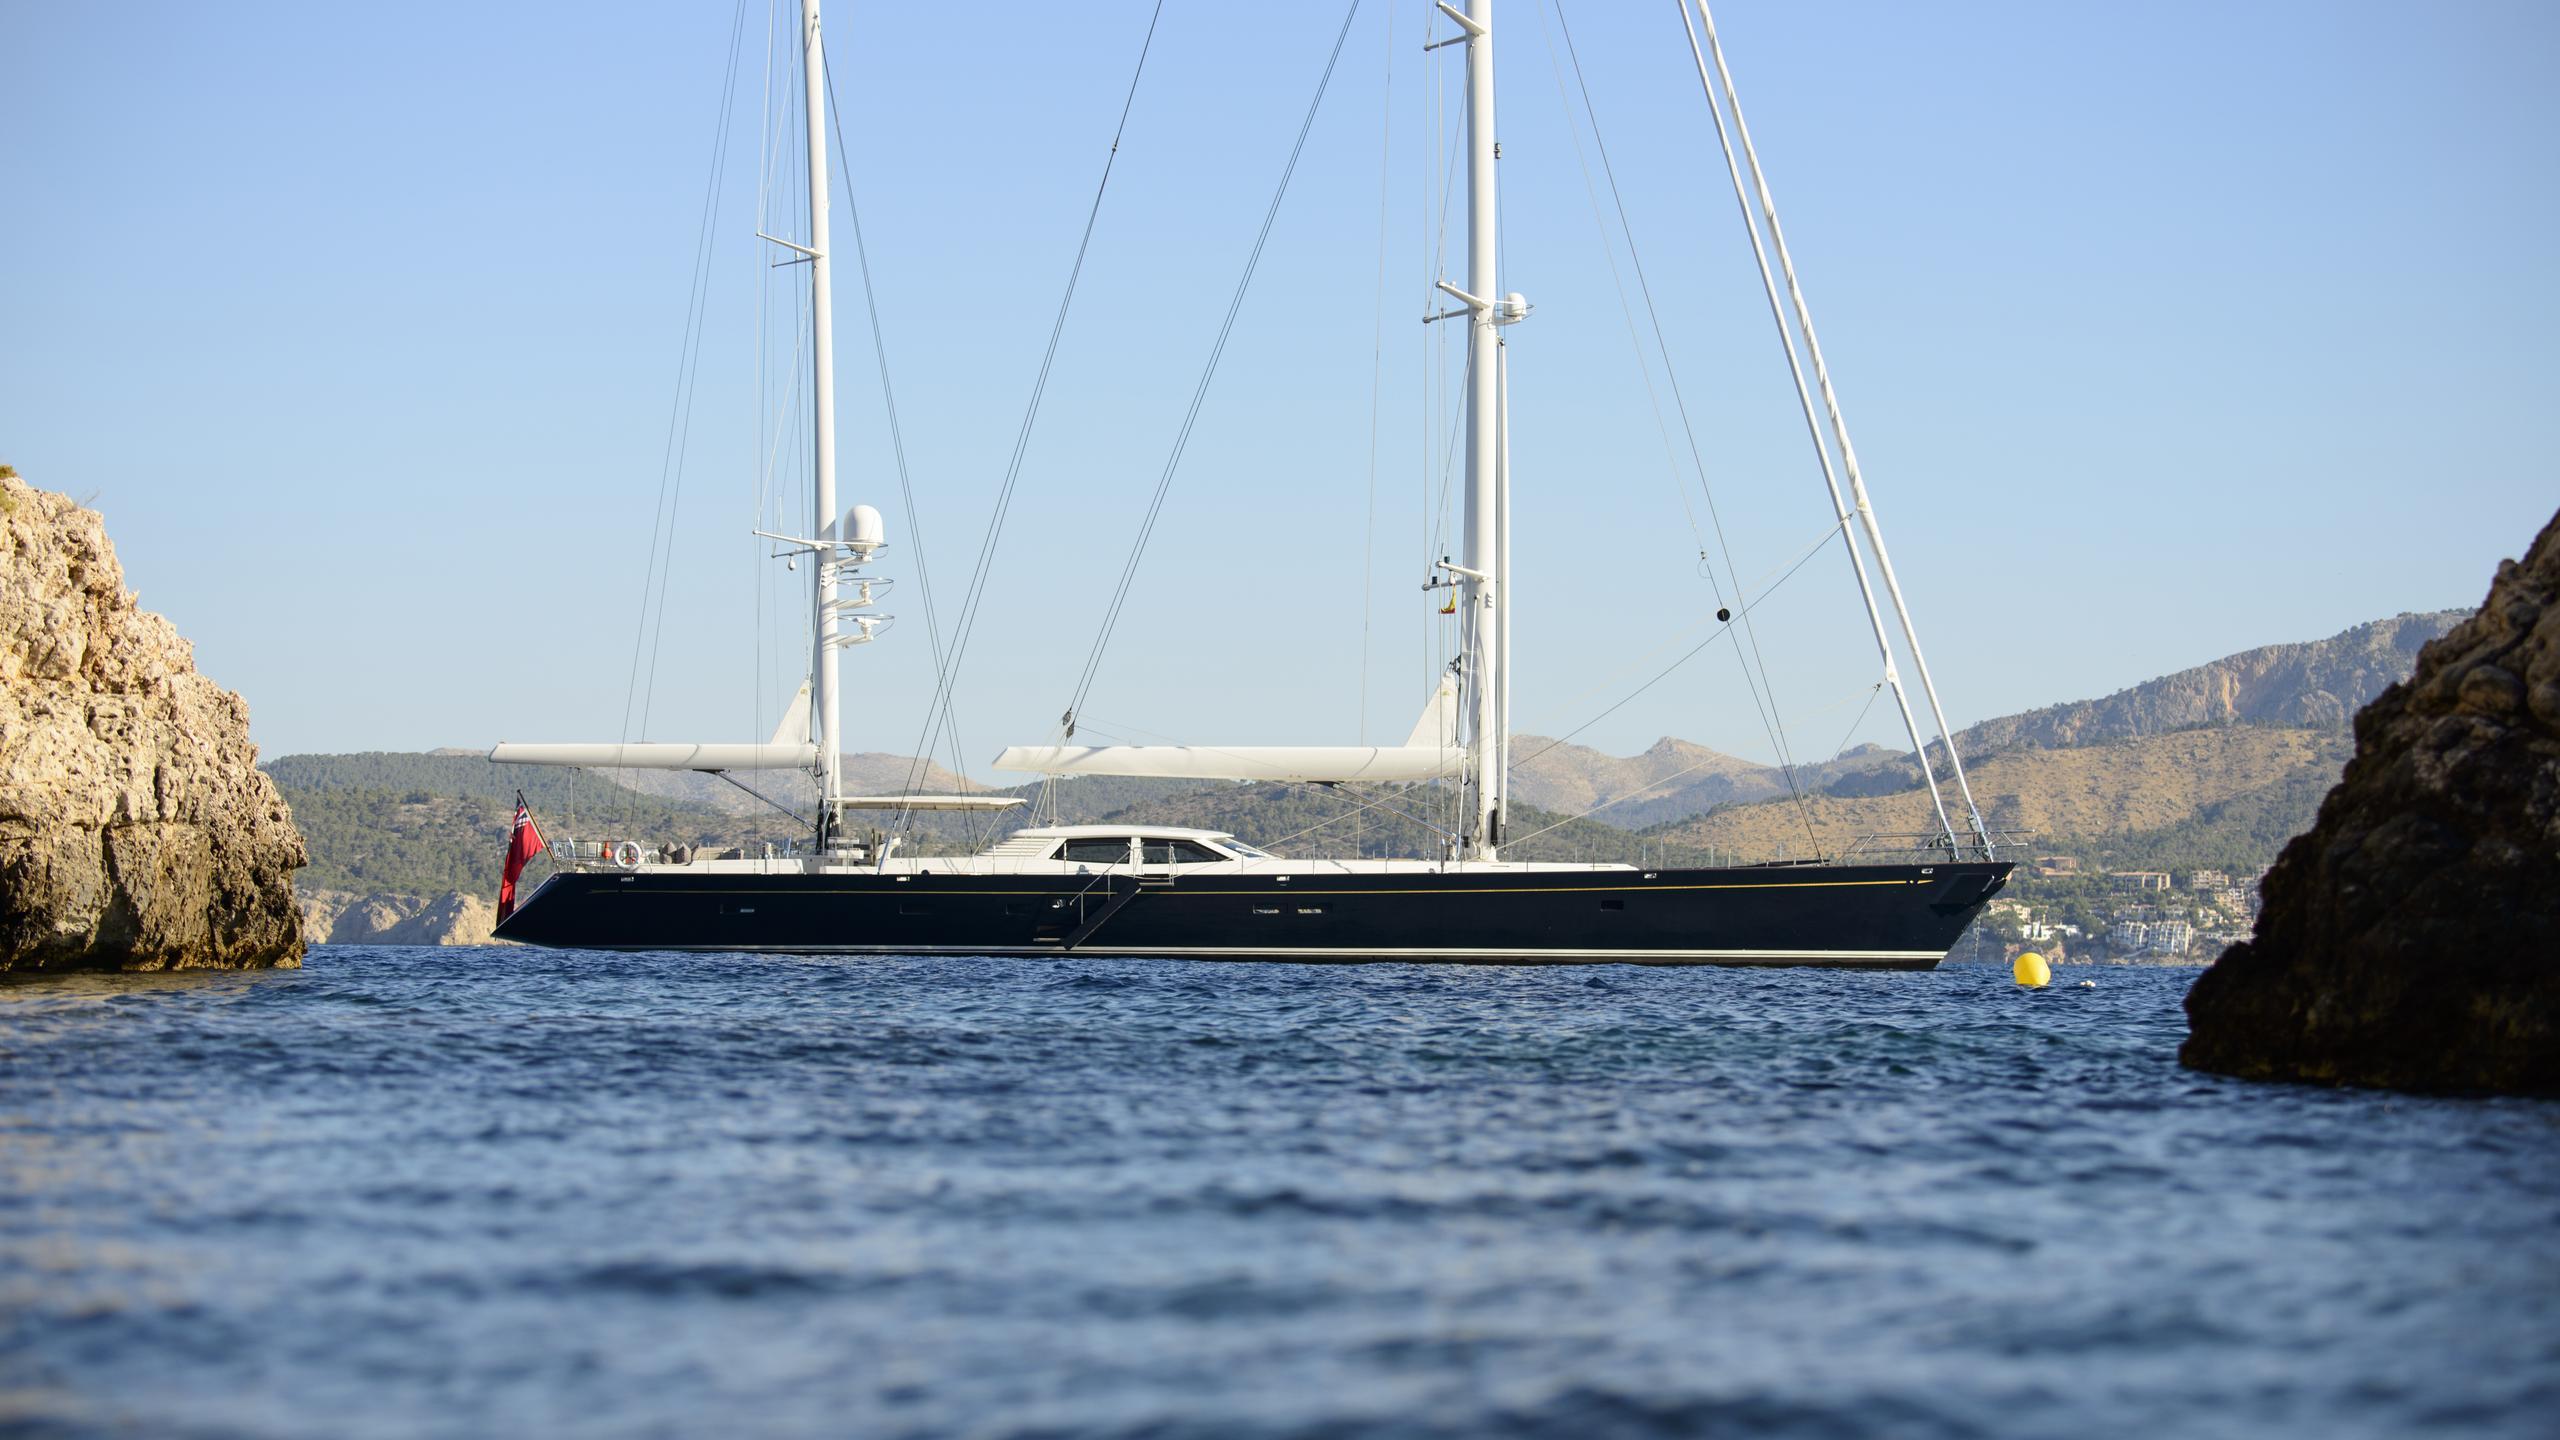 antares-yacht-at-anchor